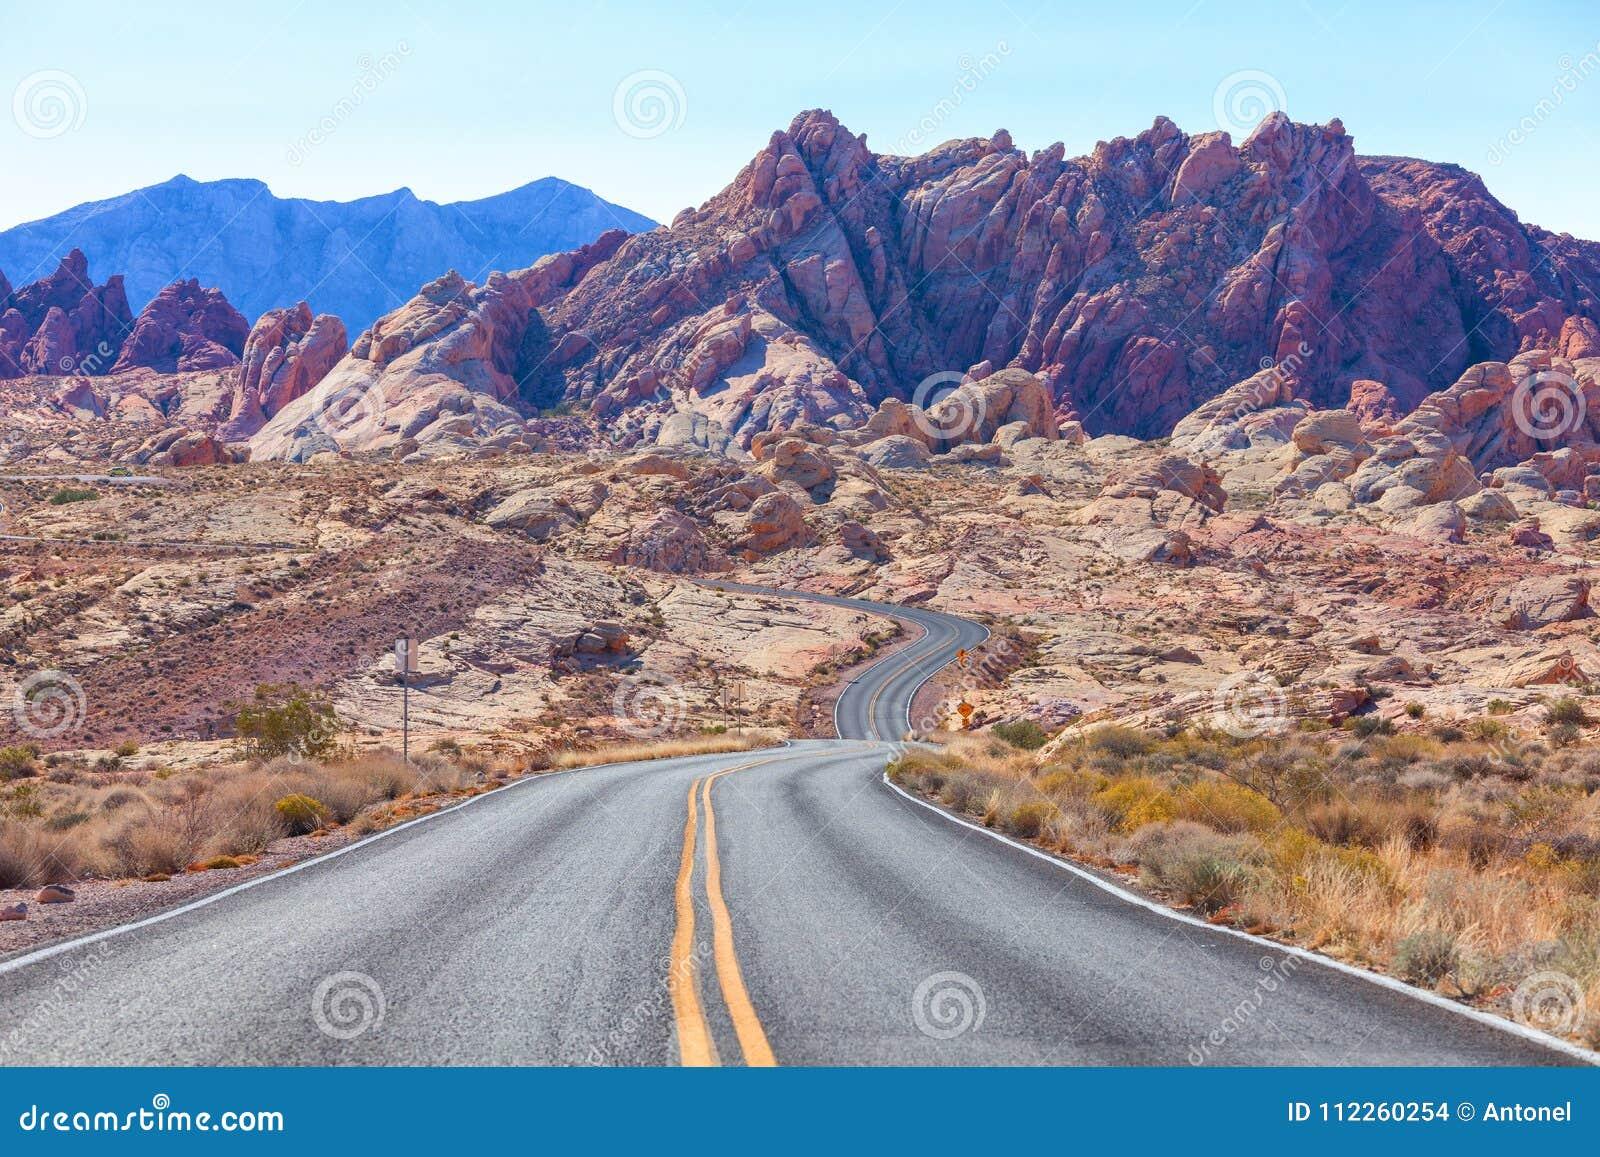 Vista scenica dalla strada nella valle del parco di stato del fuoco, Nevada, Stati Uniti